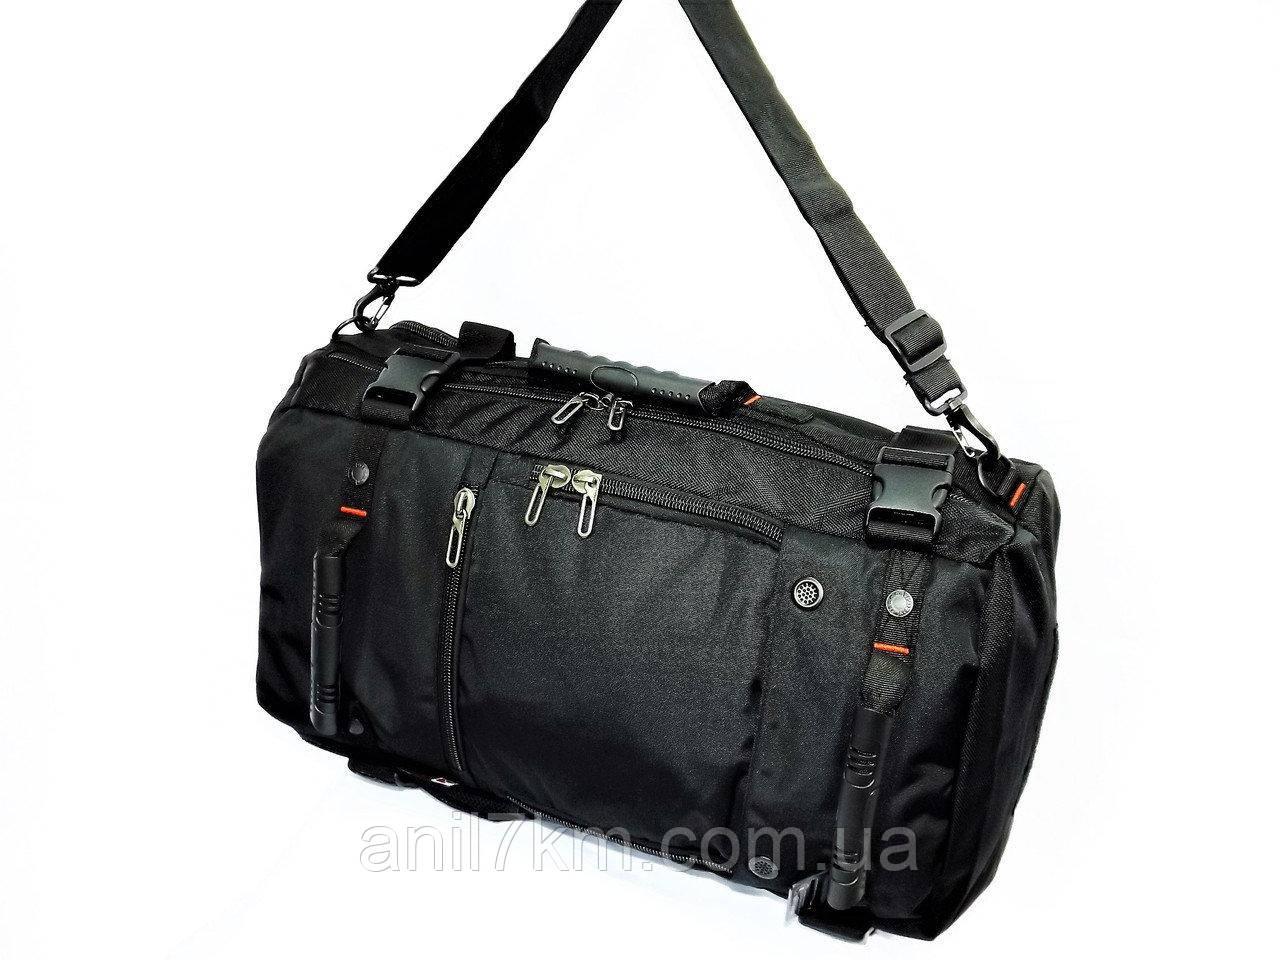 Сумка-рюкзак велика